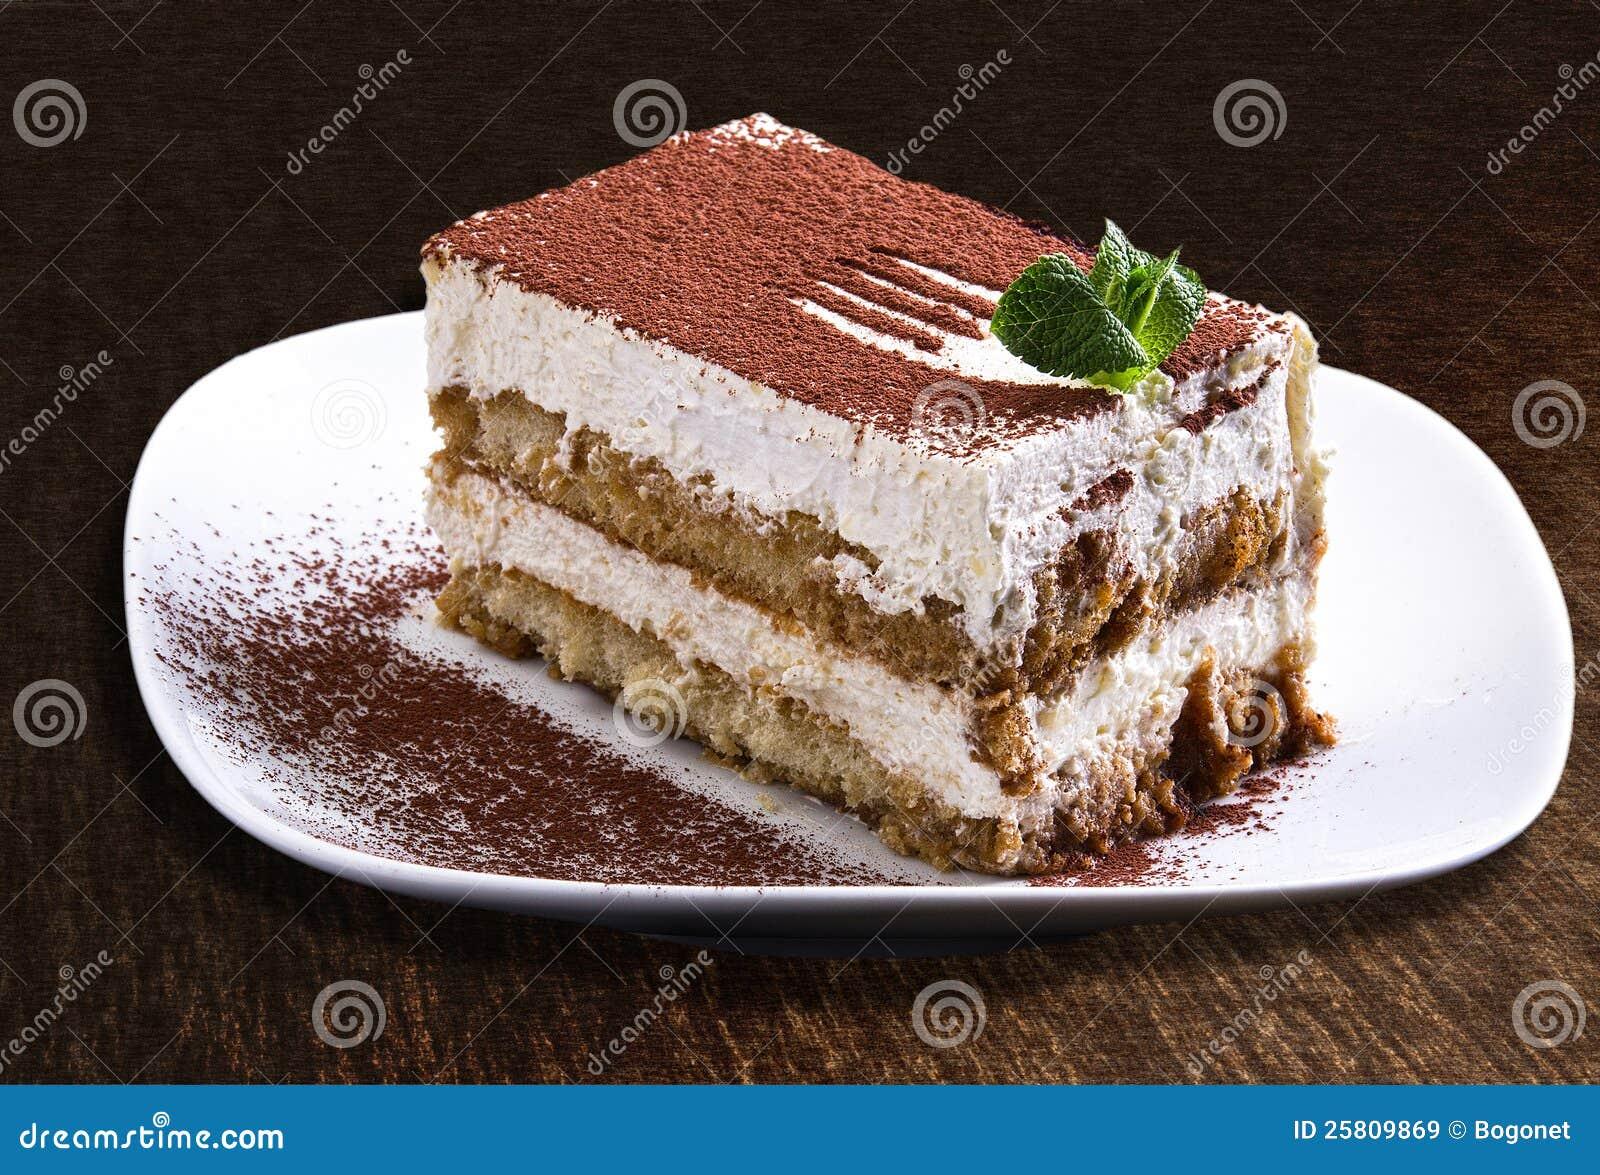 Tiramisu Cake Royalty Free Stock Images - Image: 25809869